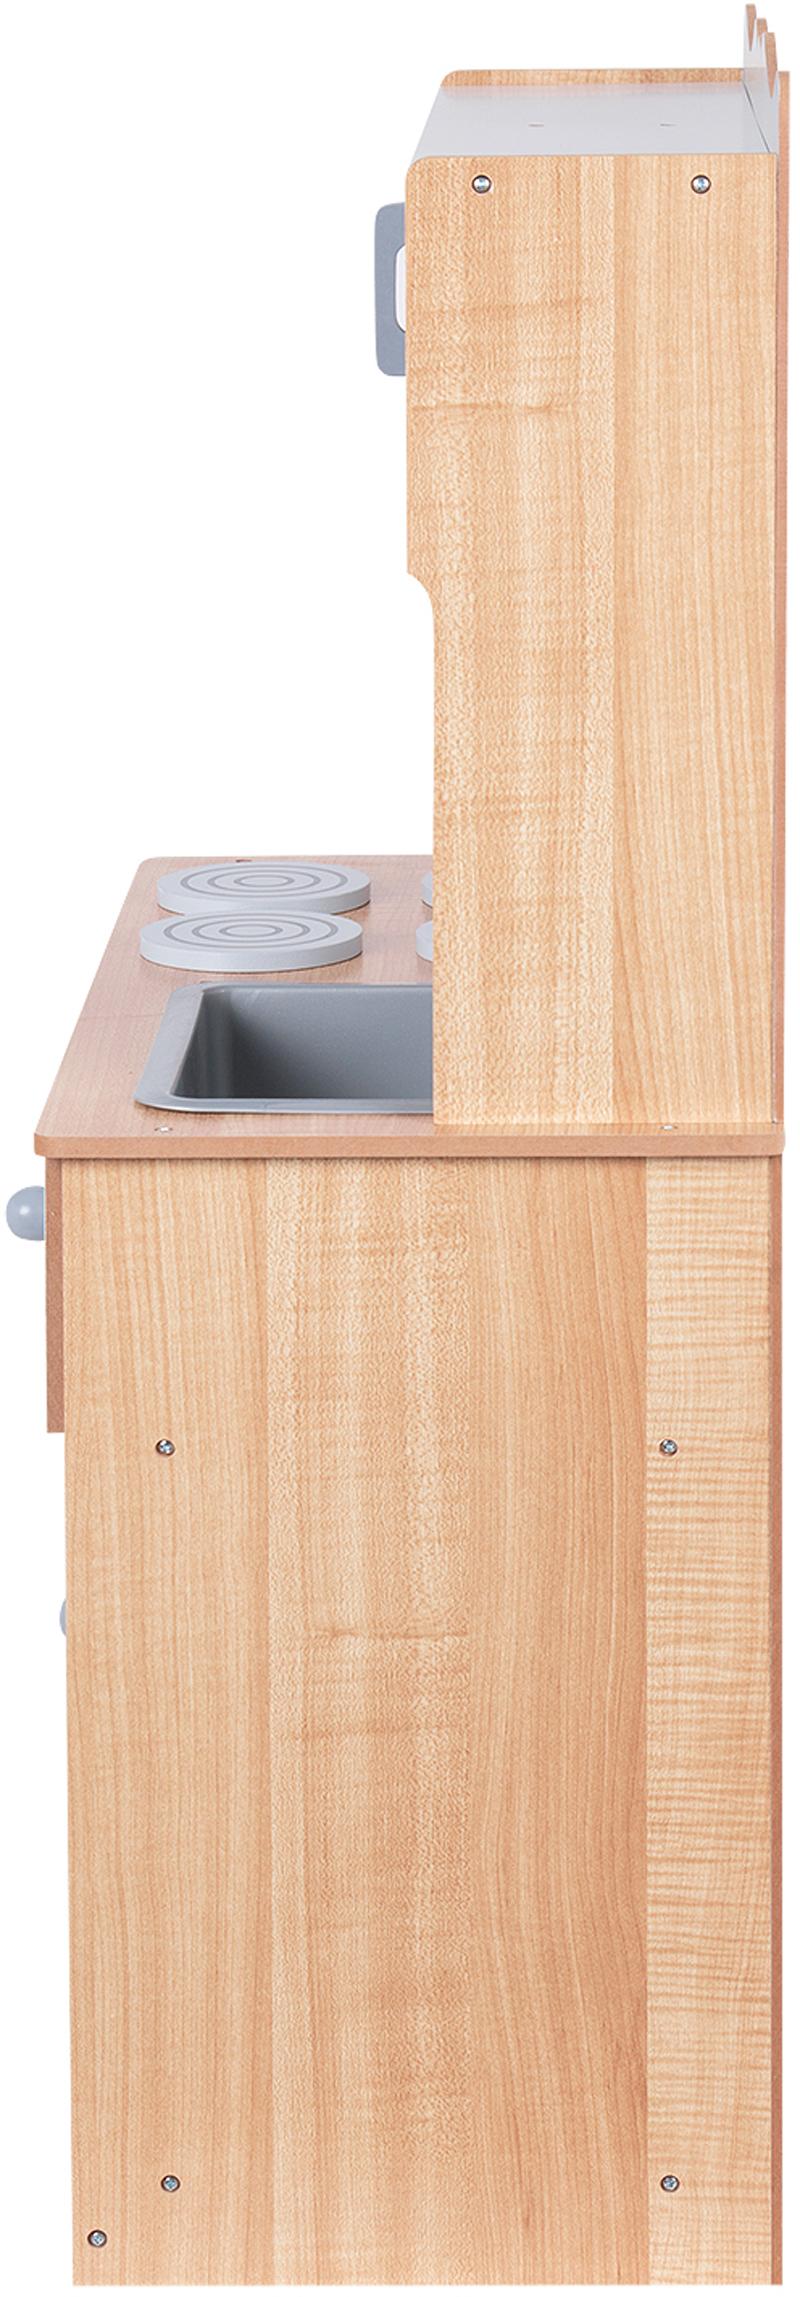 Кухня Edufun EF7253 93 выполнена из качественного дерева